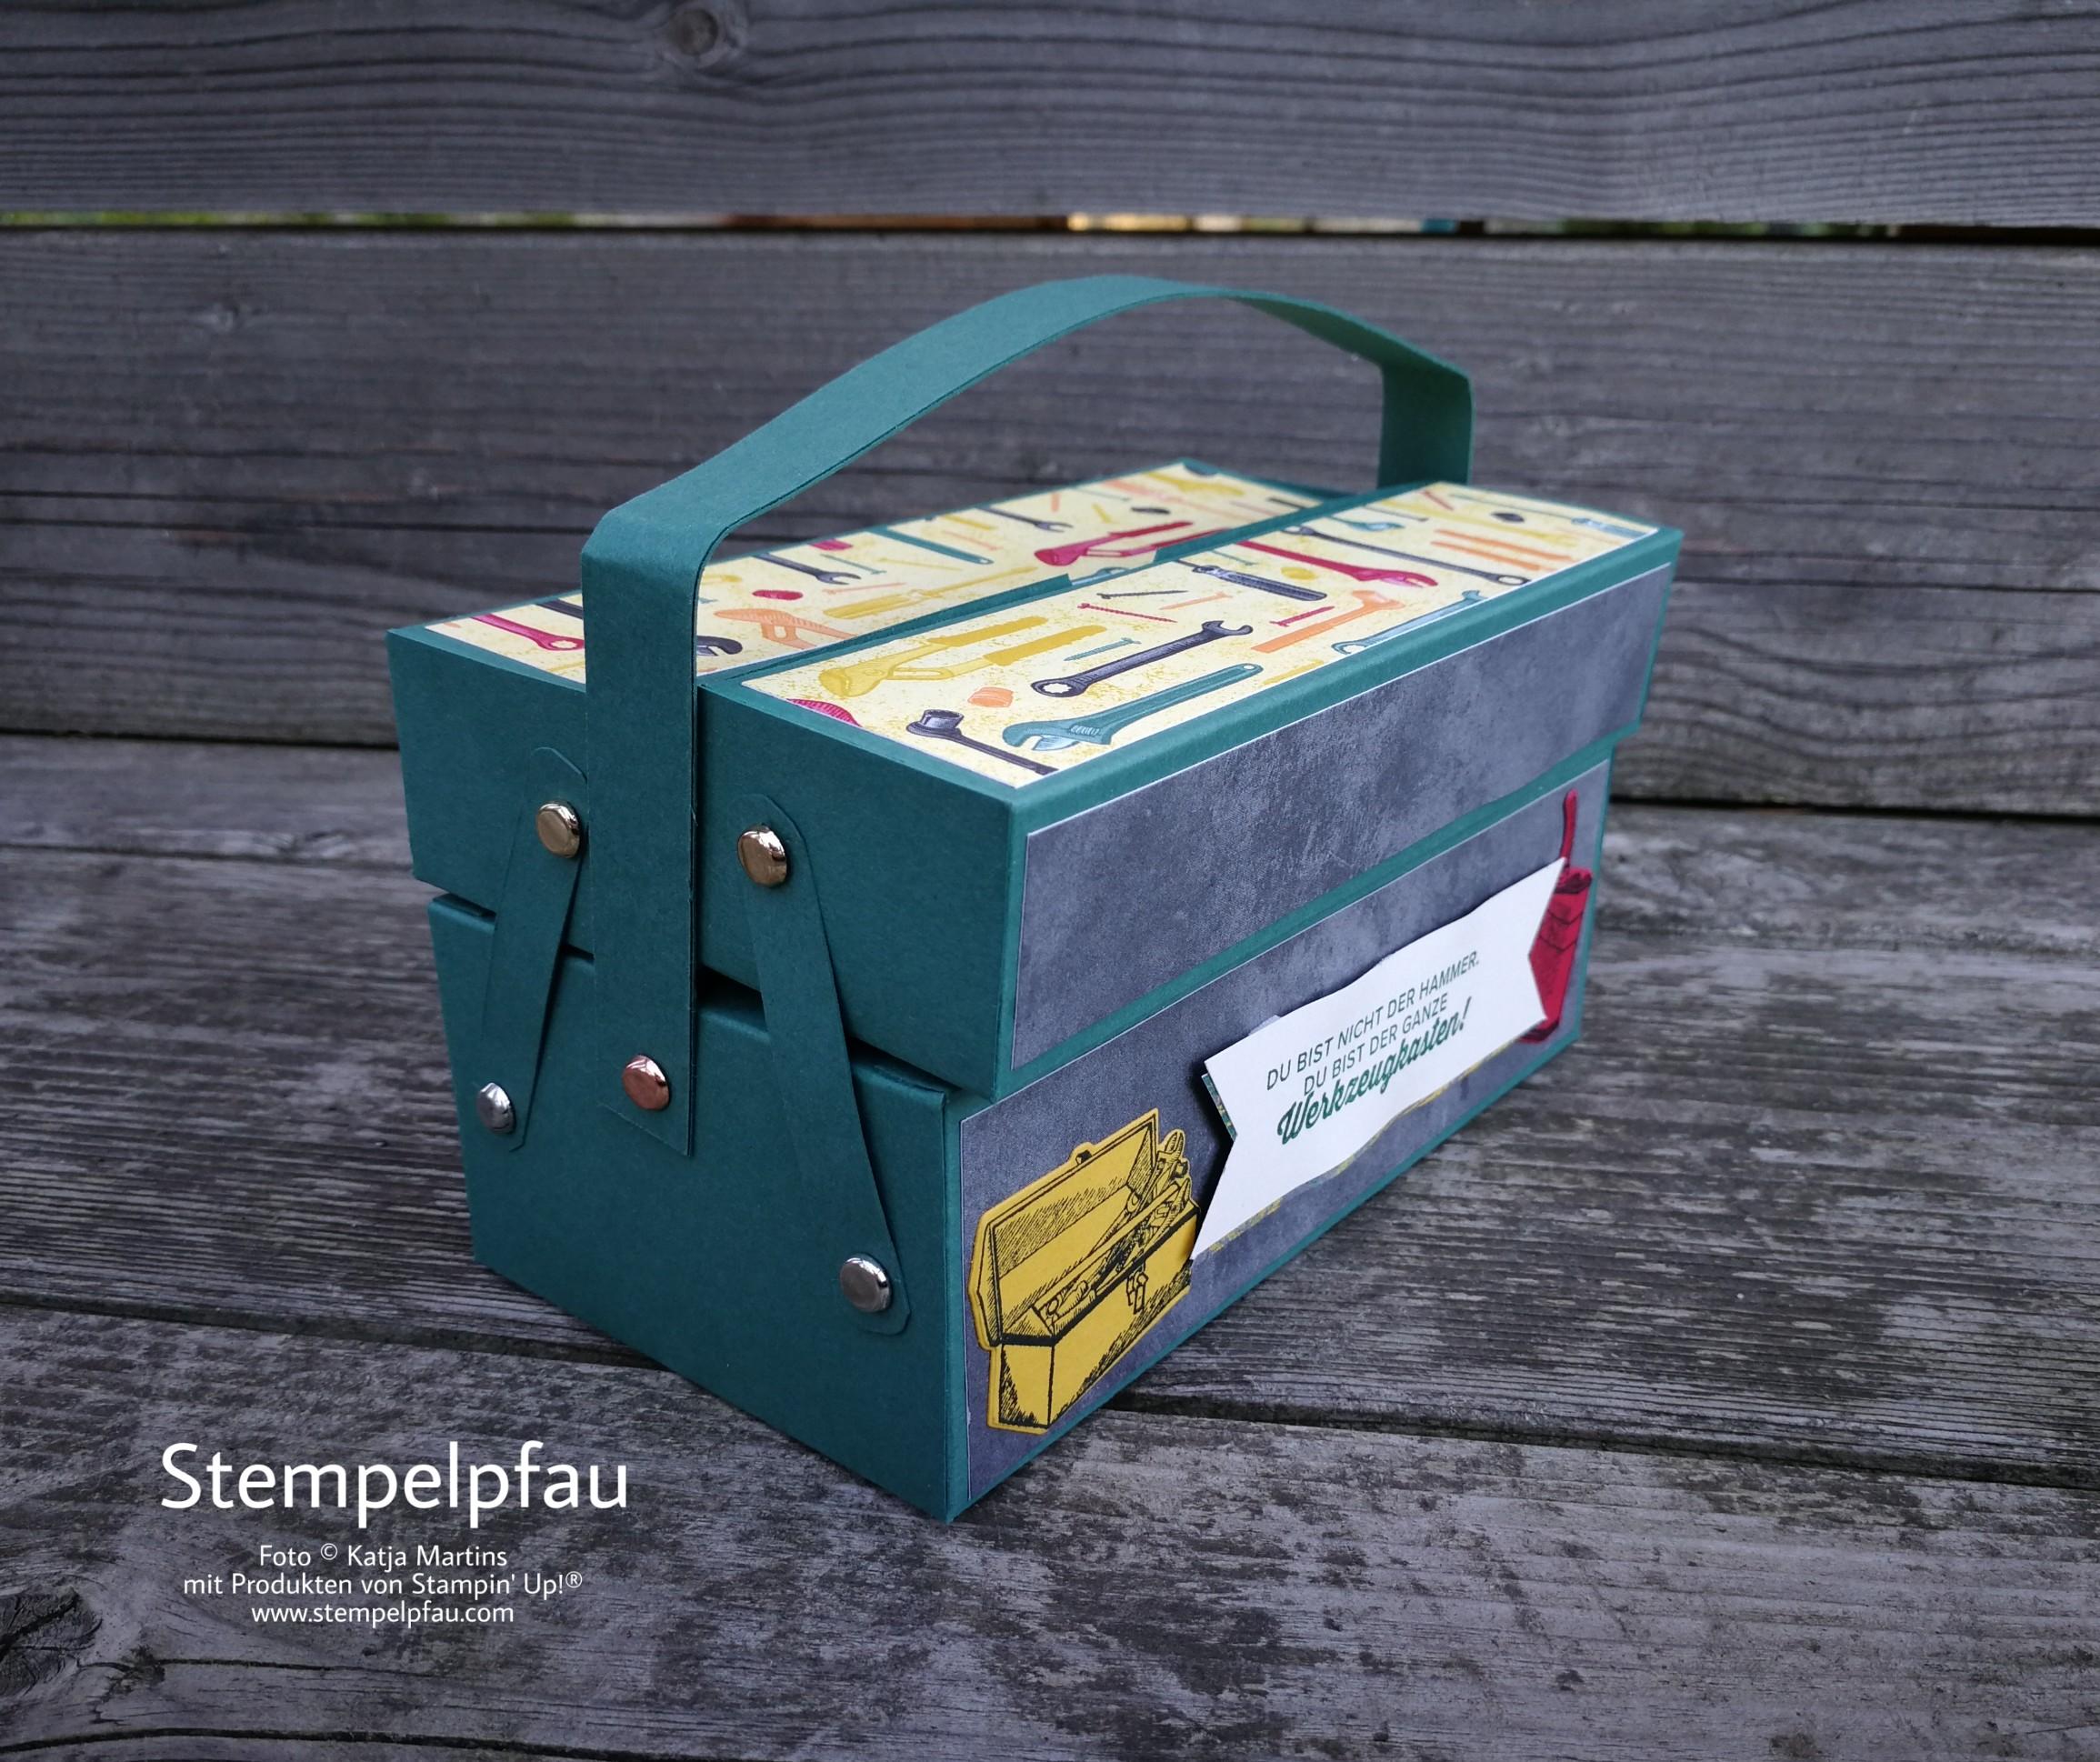 Werkzeugkasten mit Produkten von Stampin' Up!